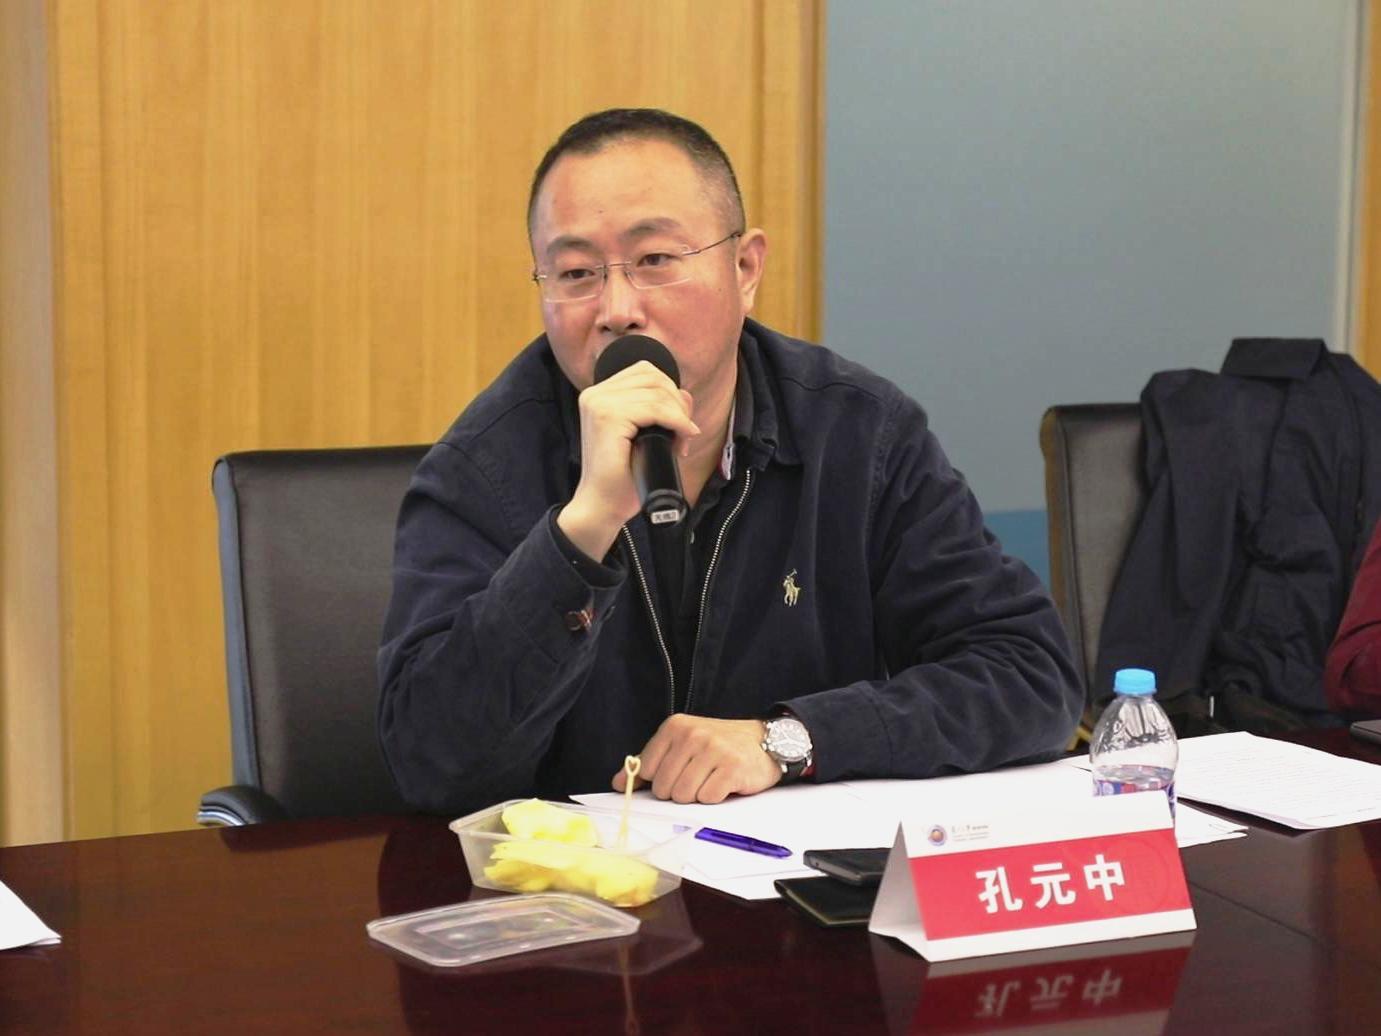 上海市知識產權局協調處處長 孔元中